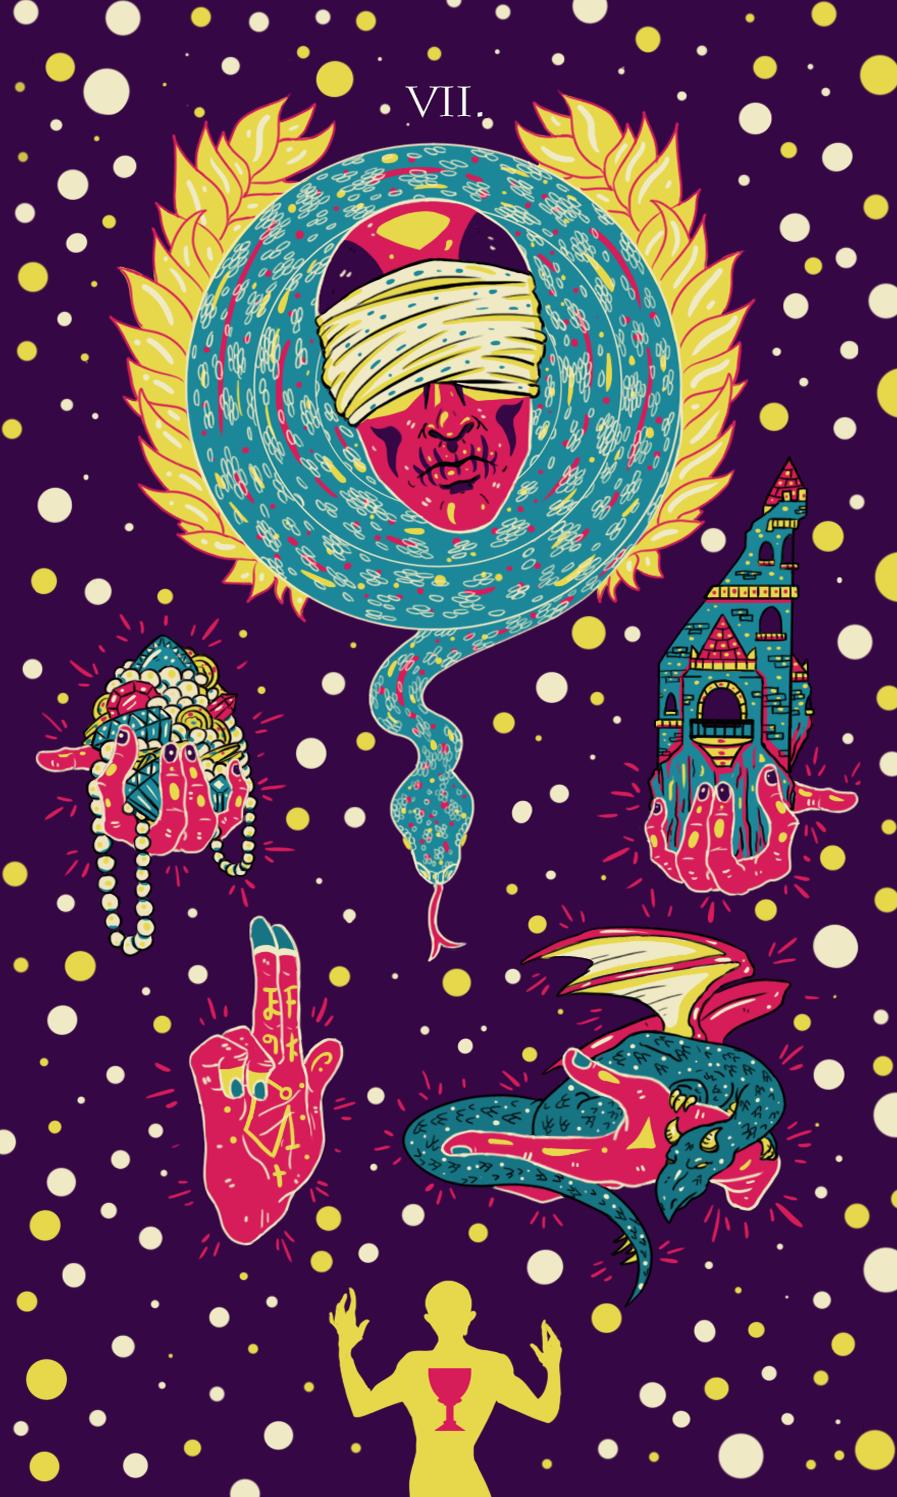 7 cups illustration